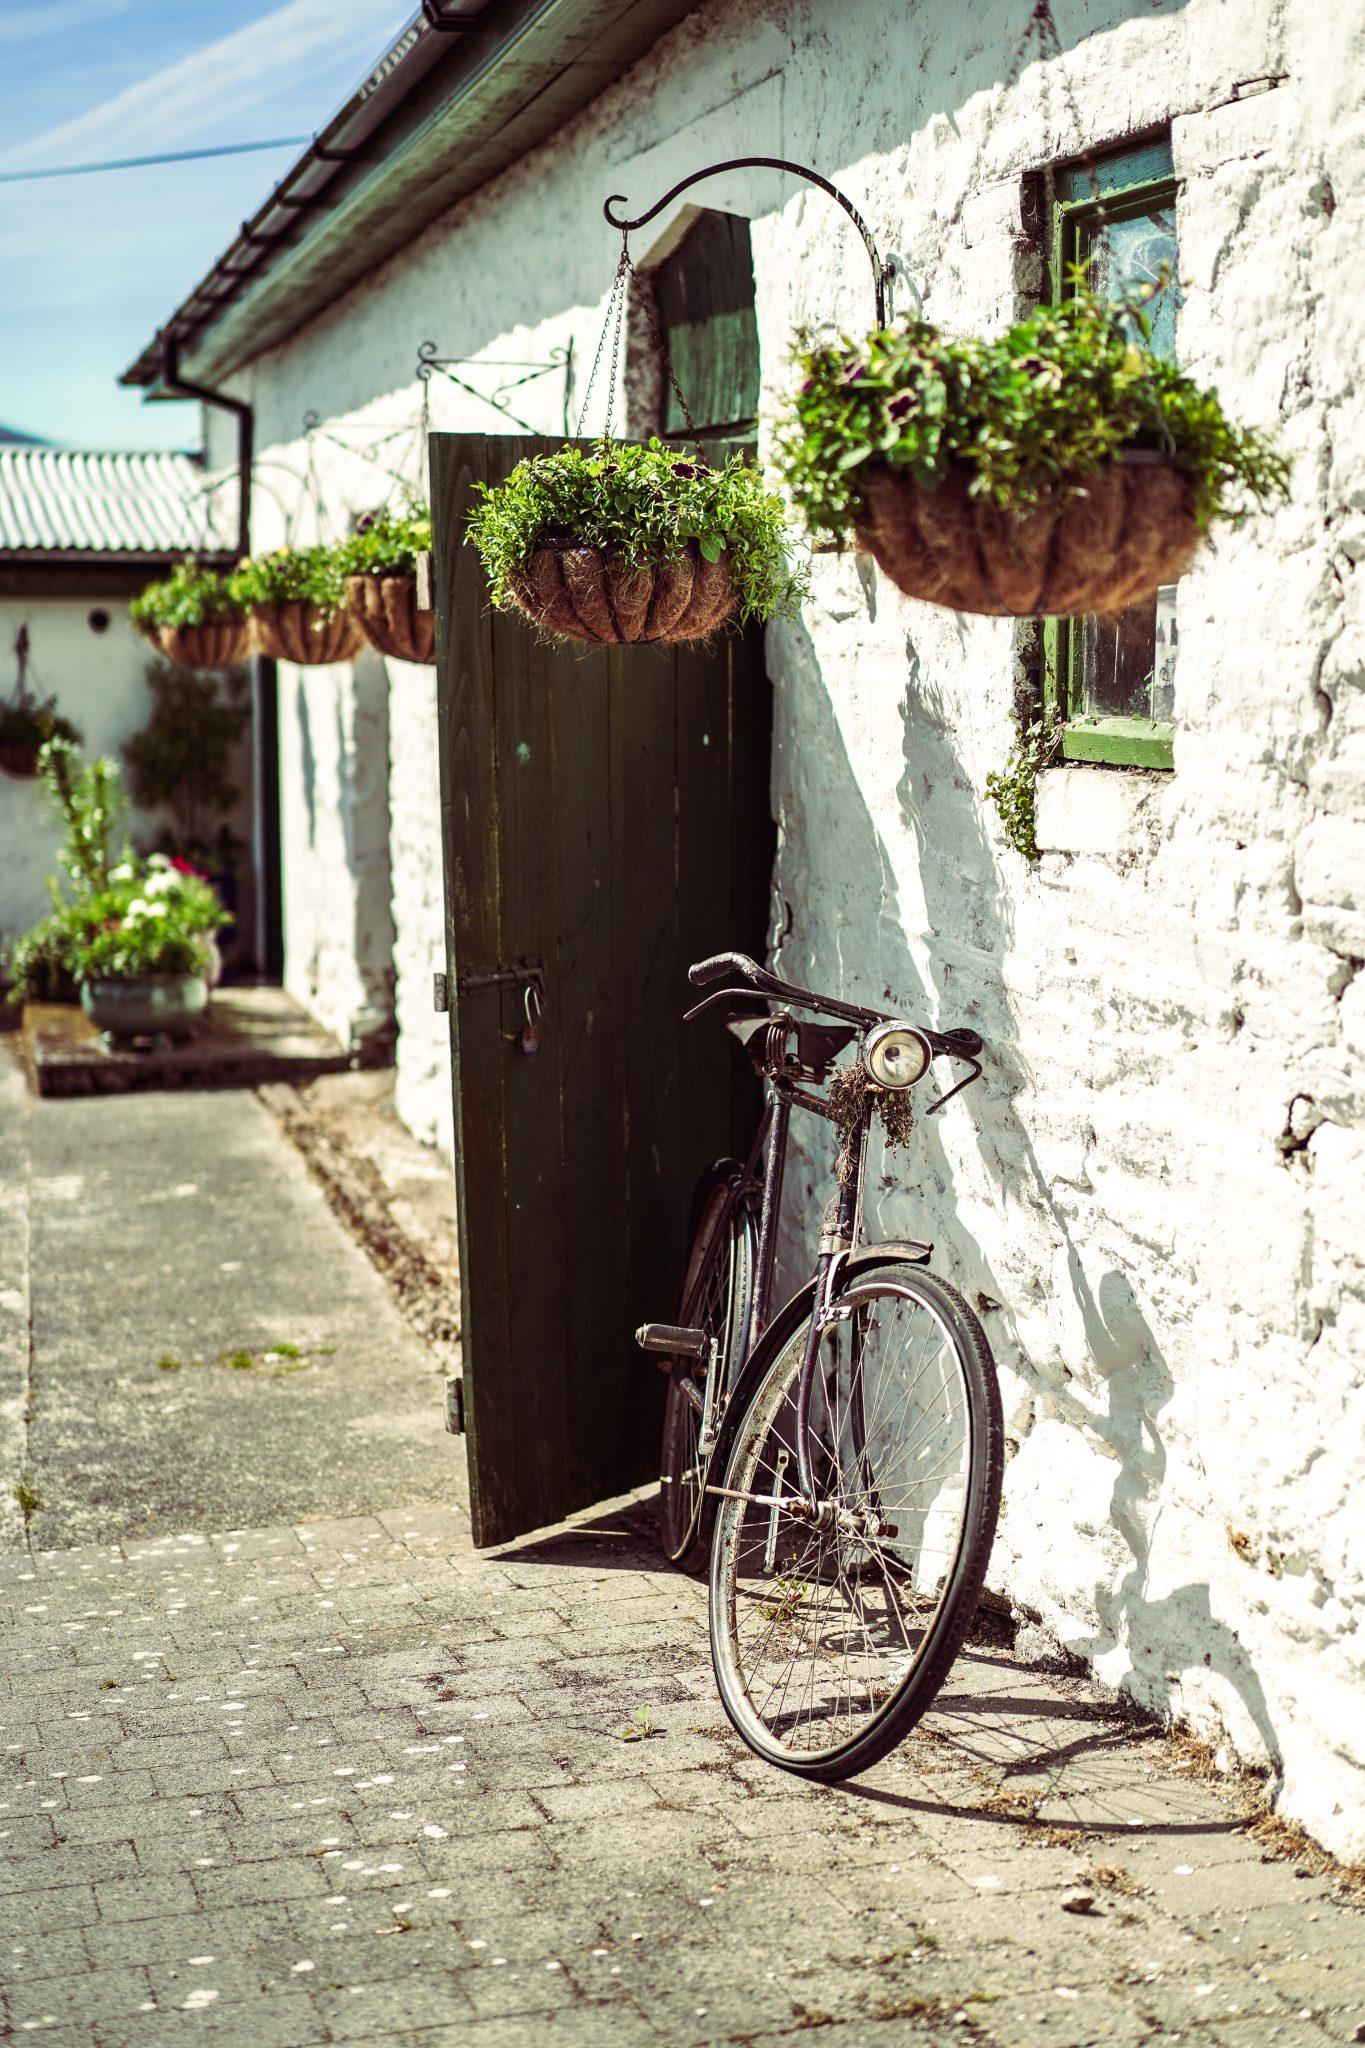 Irland 38 | Vor ein paar Monaten waren wir auf einer wirklich unglaublichen Reise. Daher wird es mehr als Zeit euch von unserem Wochenende in Irland zu berichten! Gemeinsam mit Kerrygold ging es für uns nach Cork ... unser Ziel? Das Weidemilch-Prinzip kennenzulernen und das eben nicht auf dem Papier sondern vor Ort.